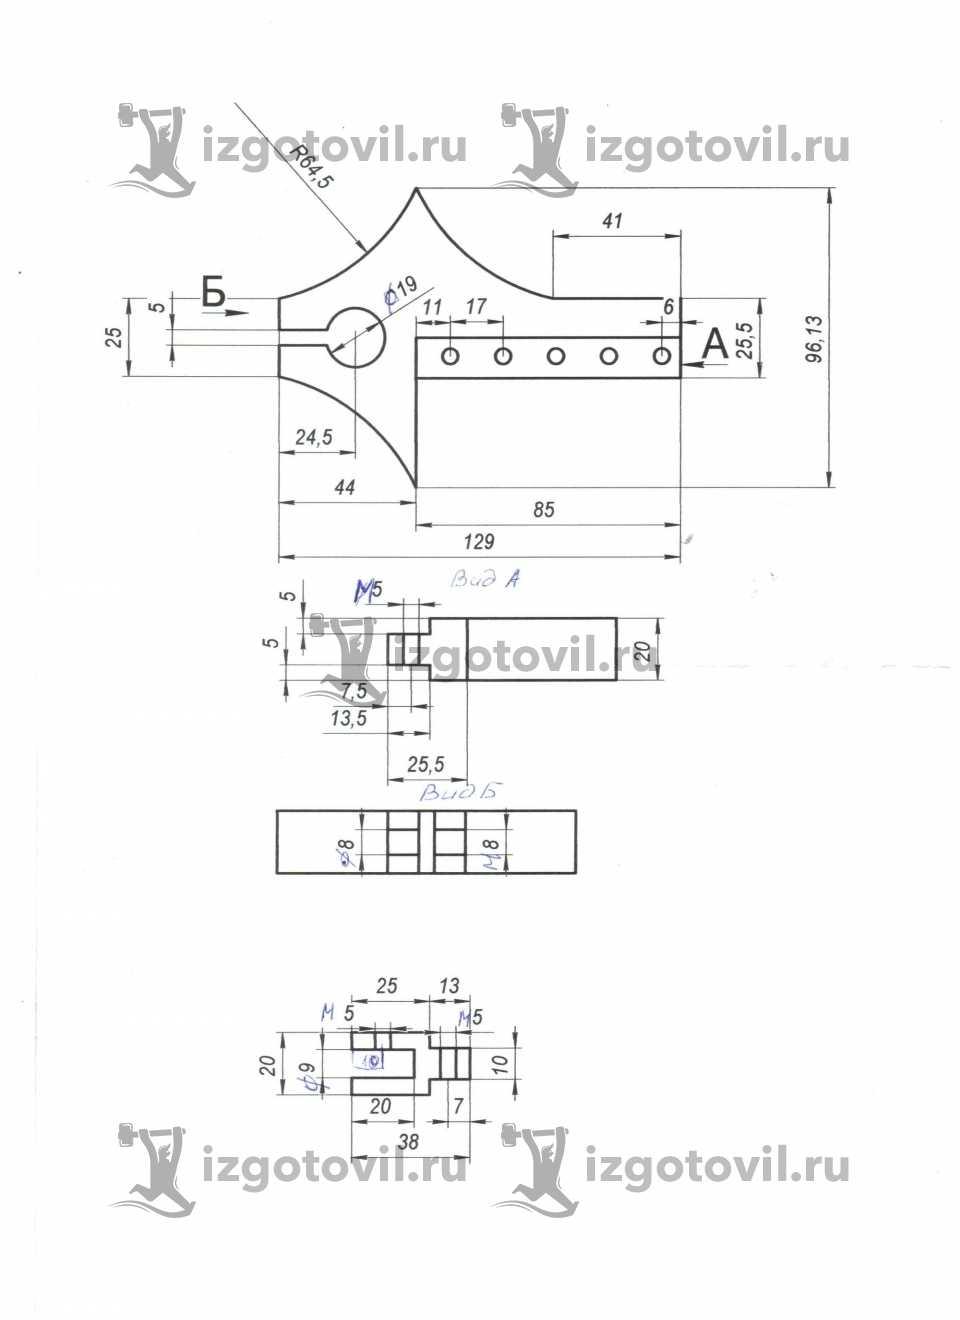 Фрезеровка - изготовление аккумуляторных клеймм